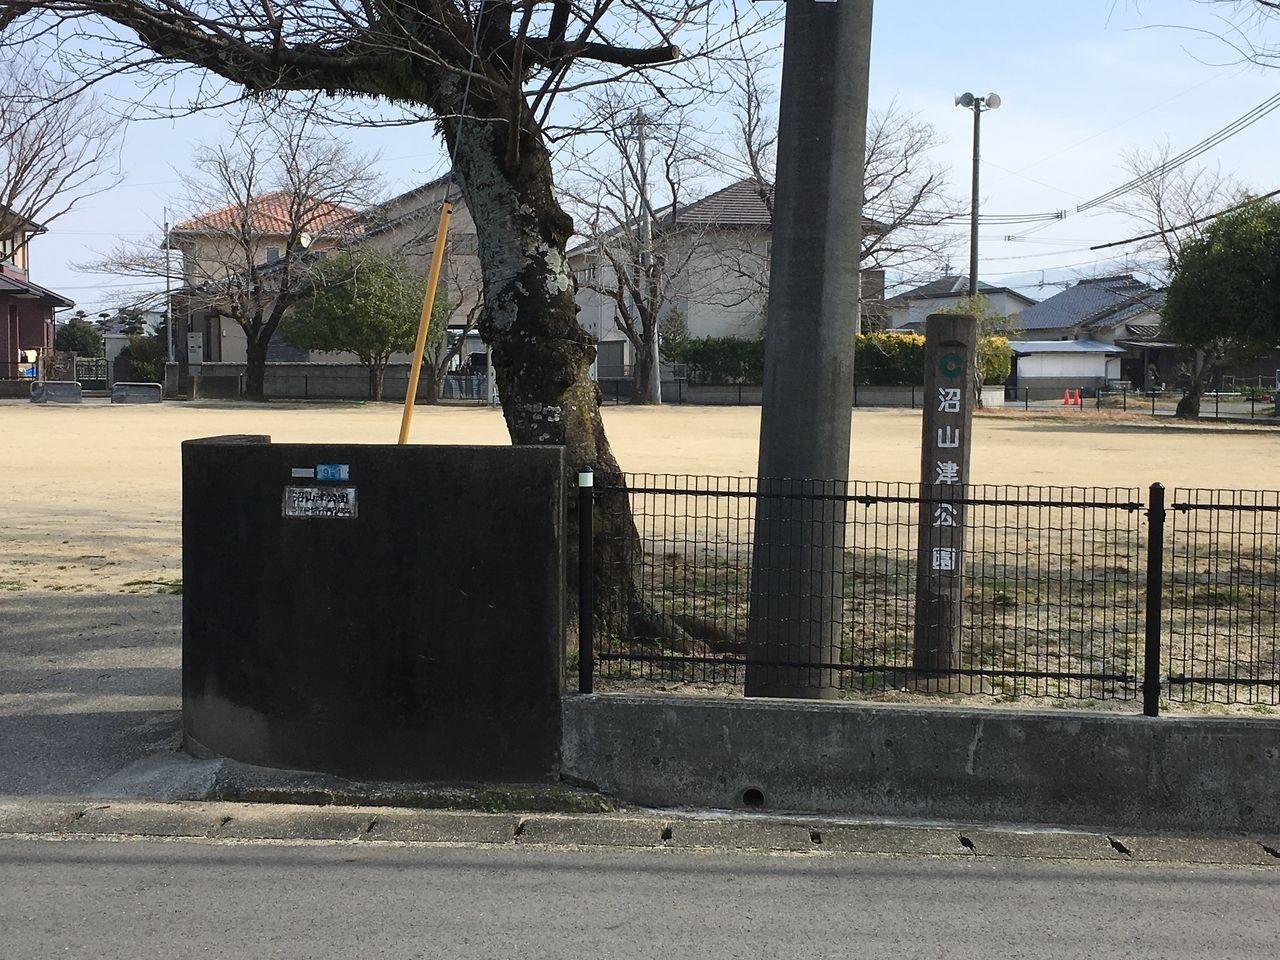 昭和の時代から地元の皆さんの憩いの場となlている公園です。